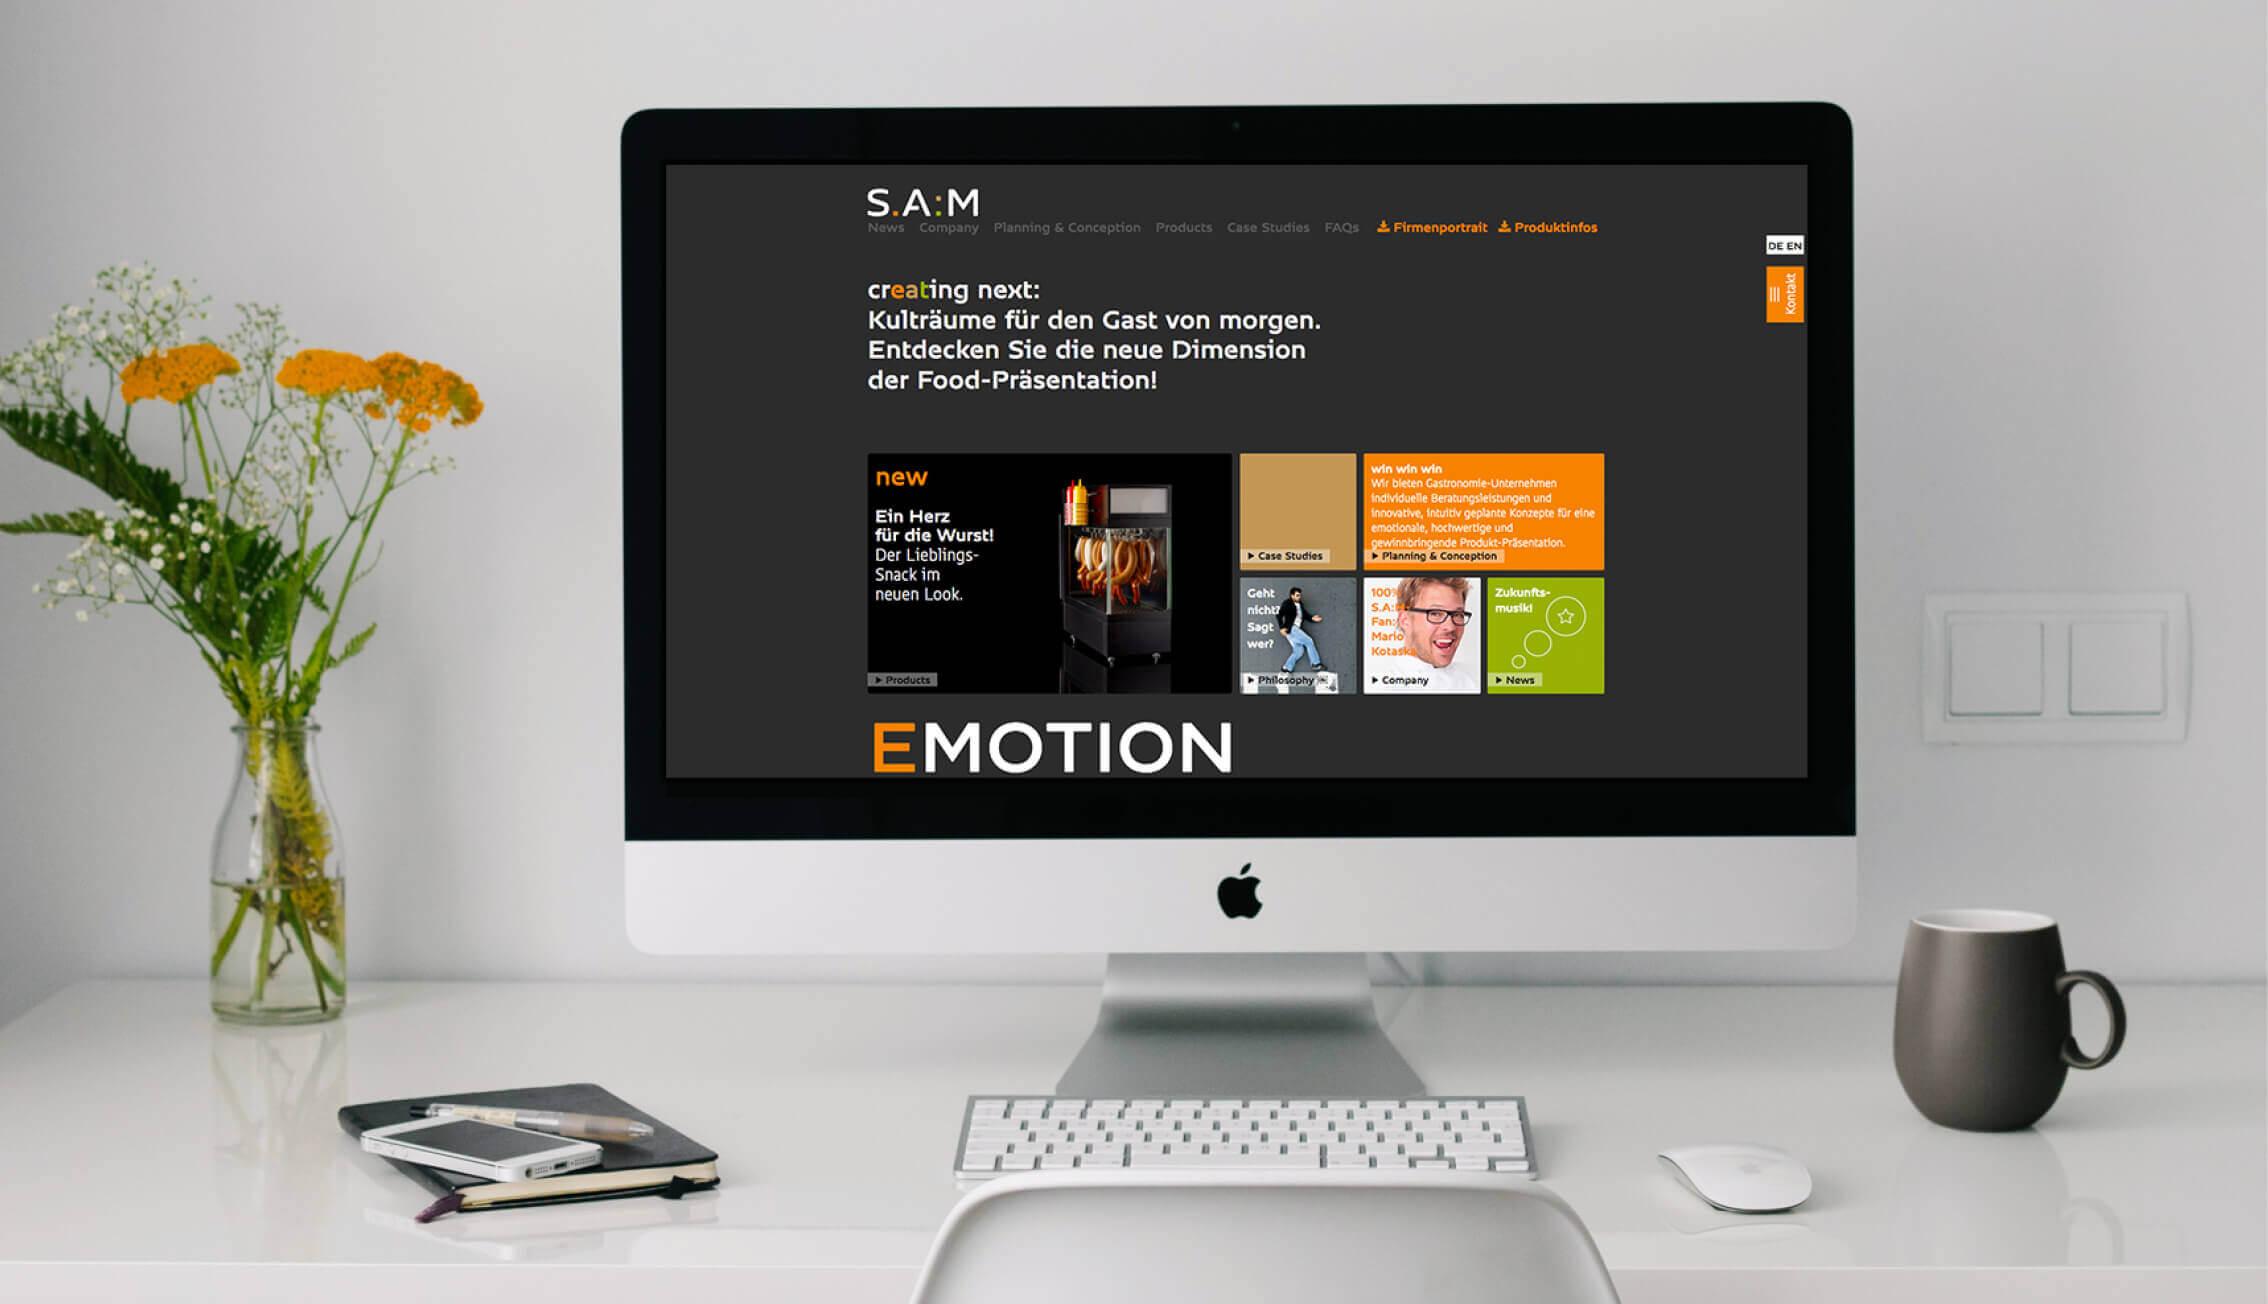 S.A.M. - Webauftritt